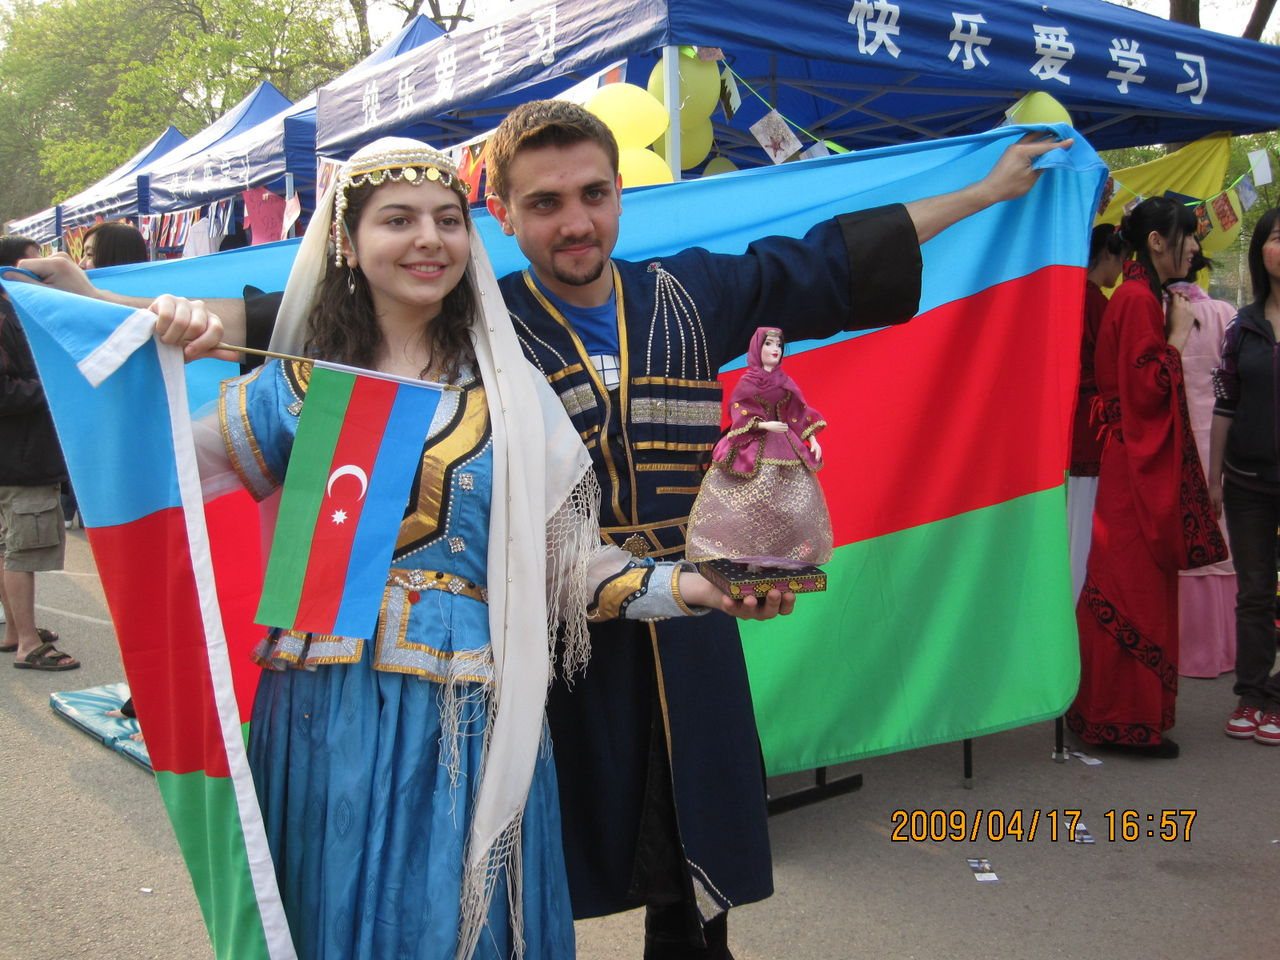 阿塞拜疆……在北语可以碰到不少阿塞拜疆的留学生